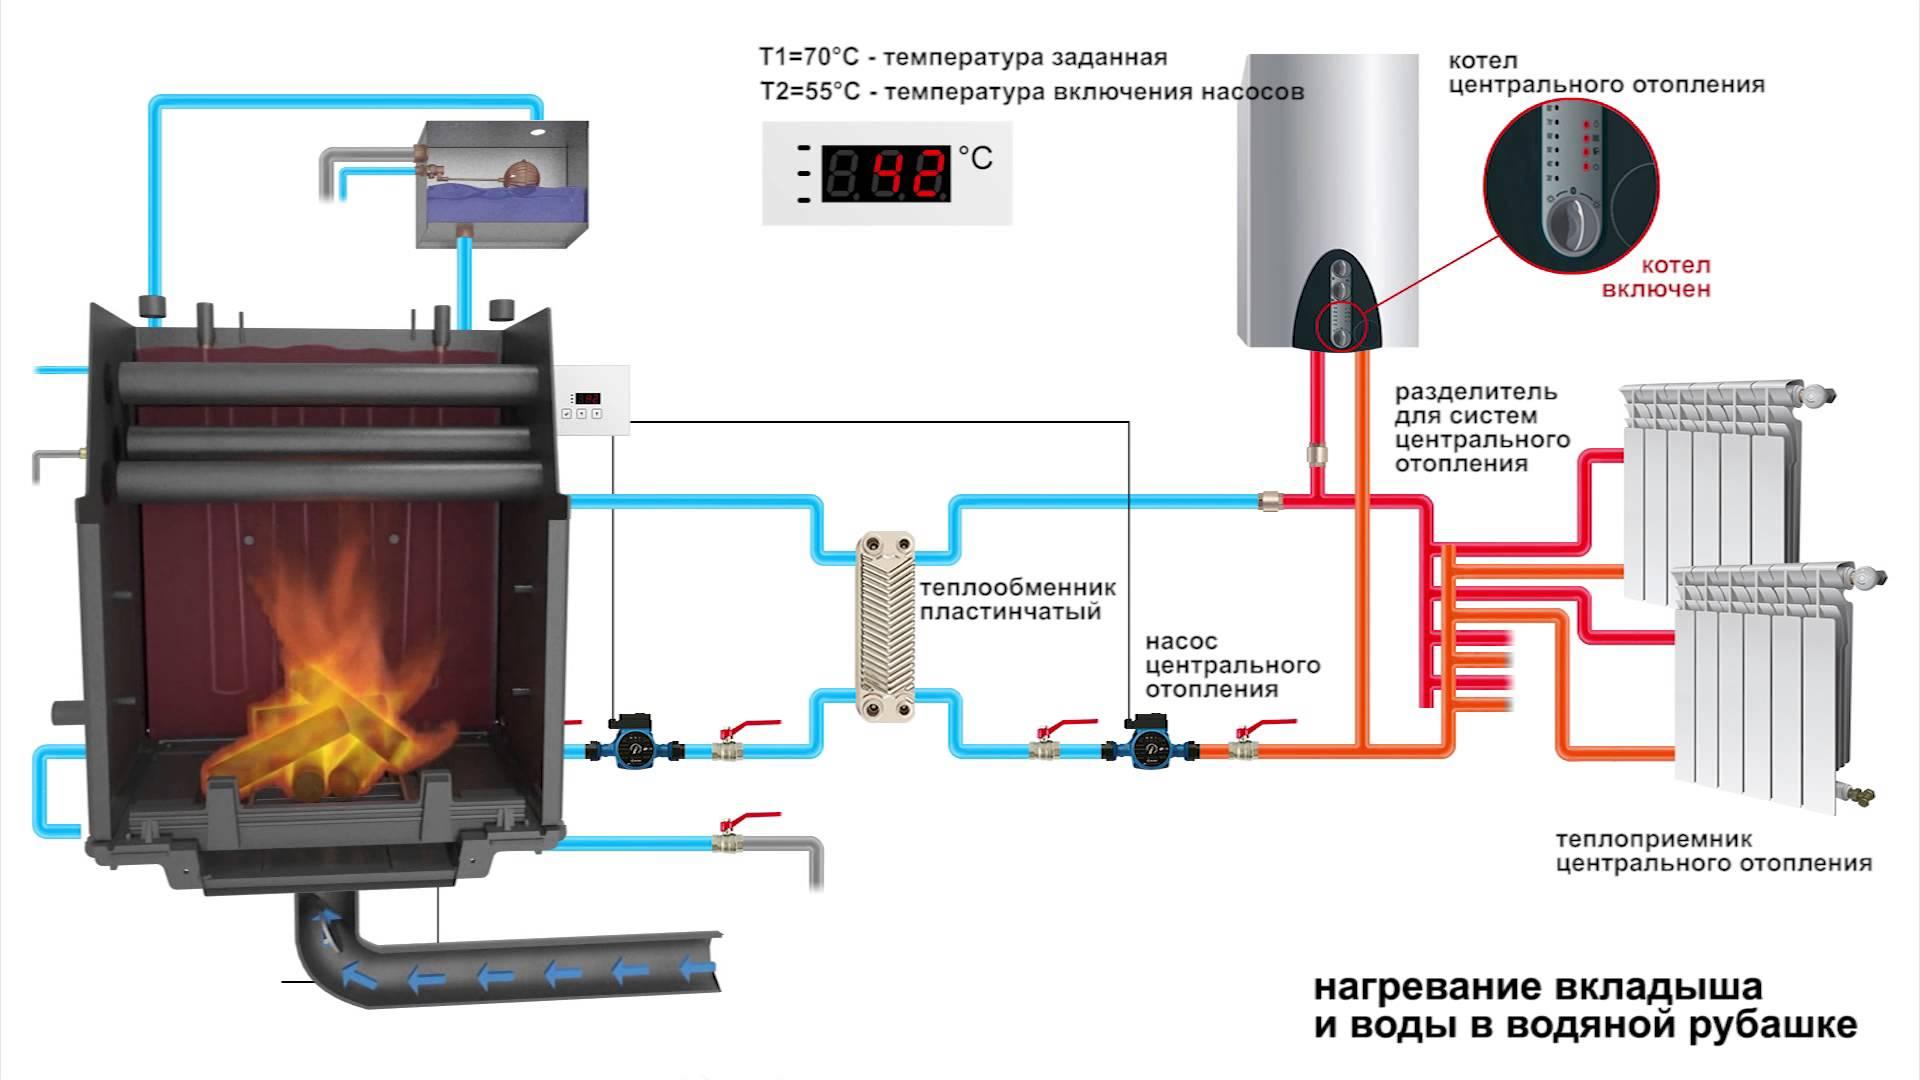 Отопление частного дома своими руками - необходимое